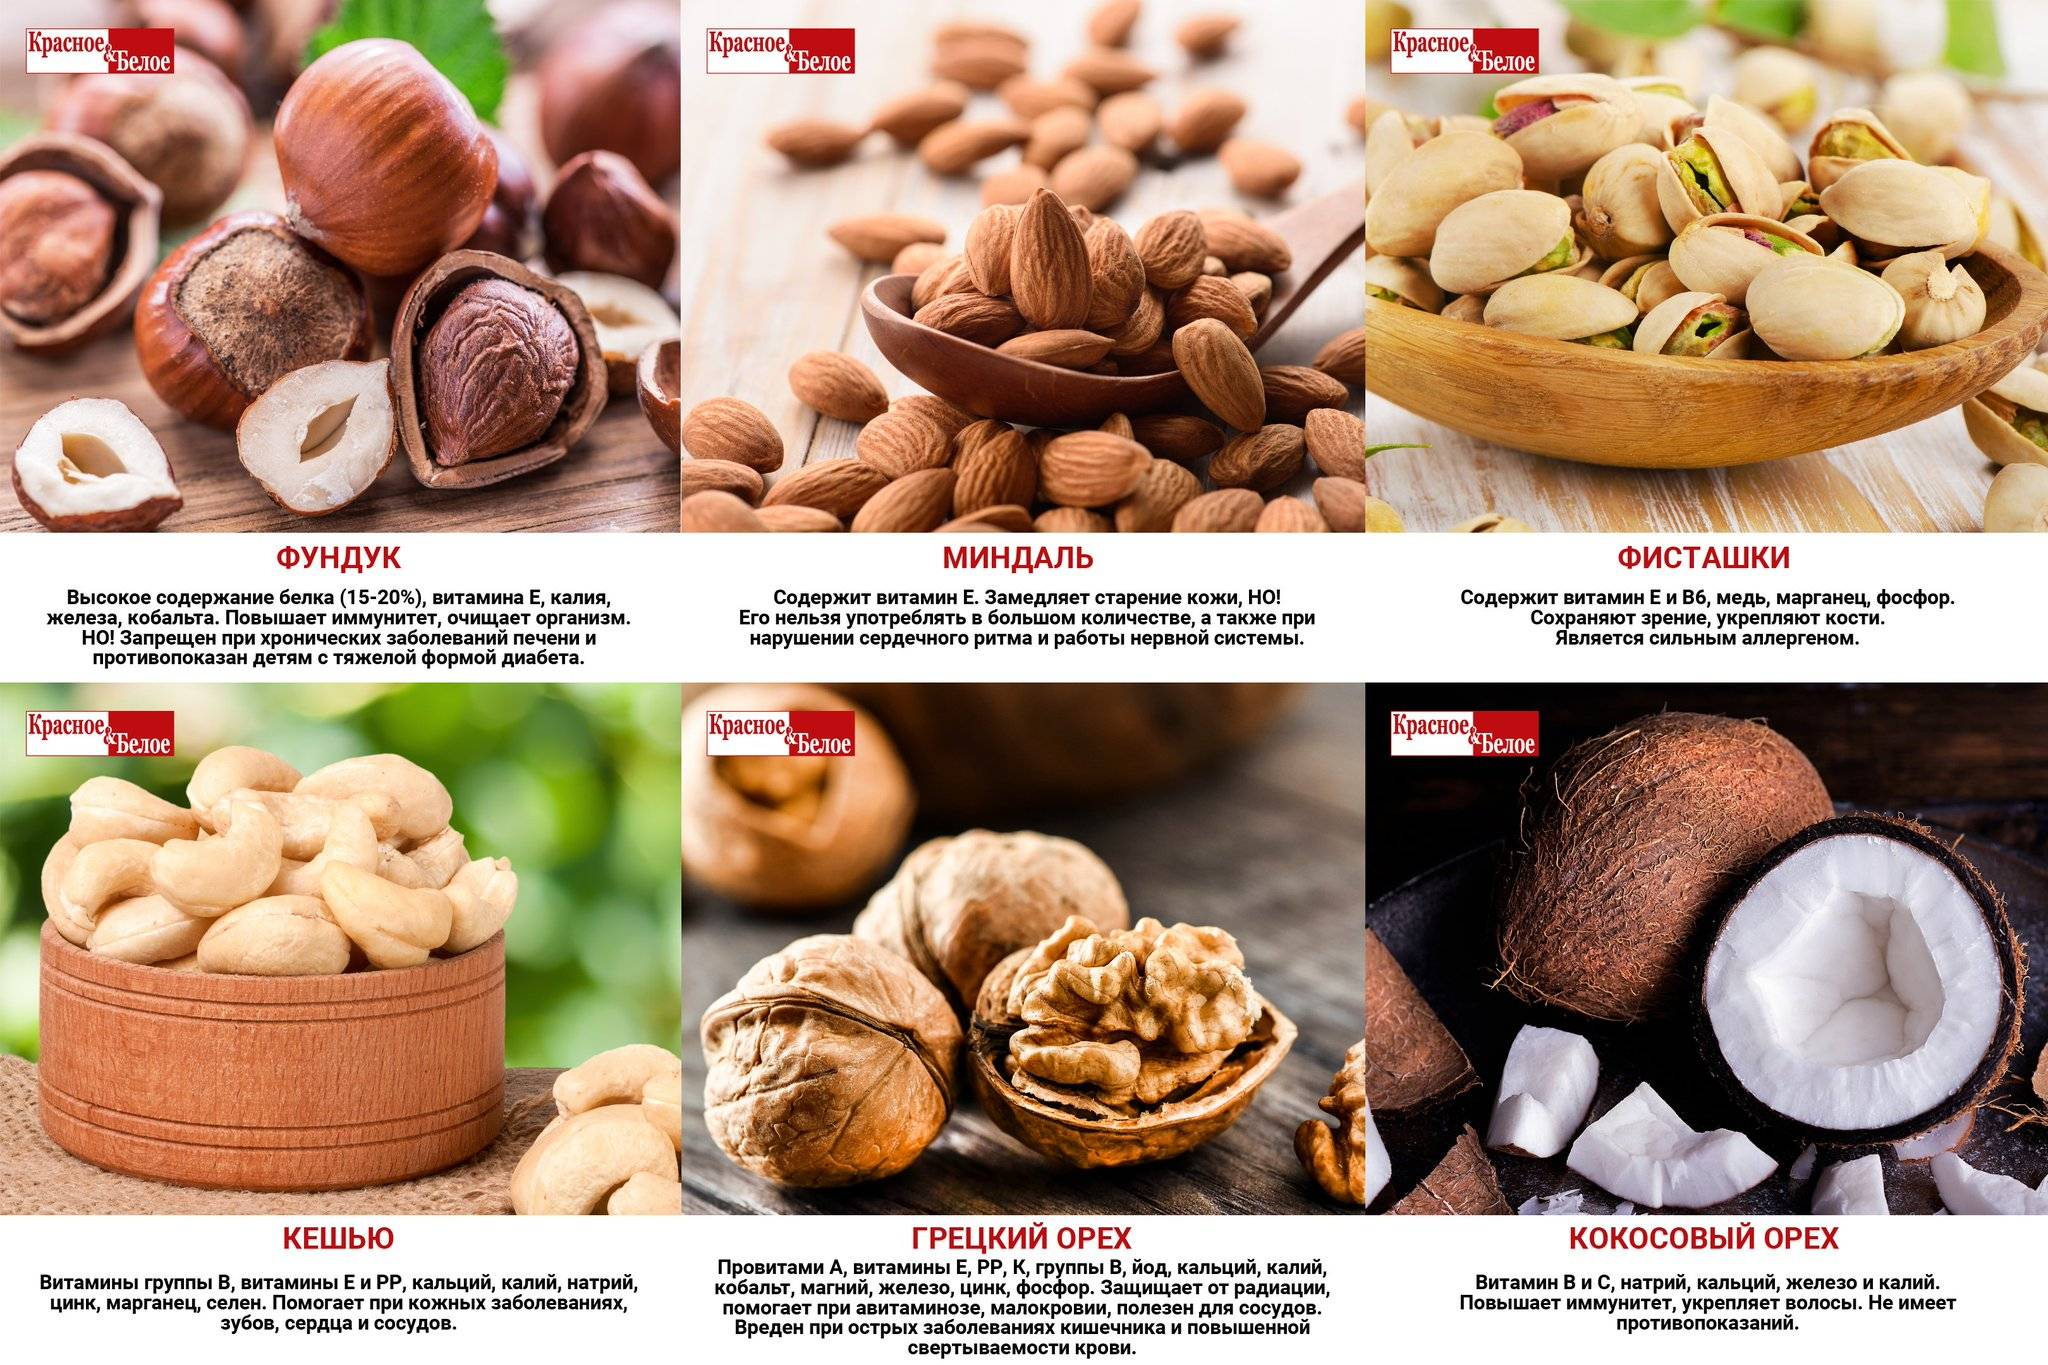 Чем полезен грецкий орех для мужчин: польза и вред для организма чем полезен грецкий орех для мужчин: польза и вред для организма